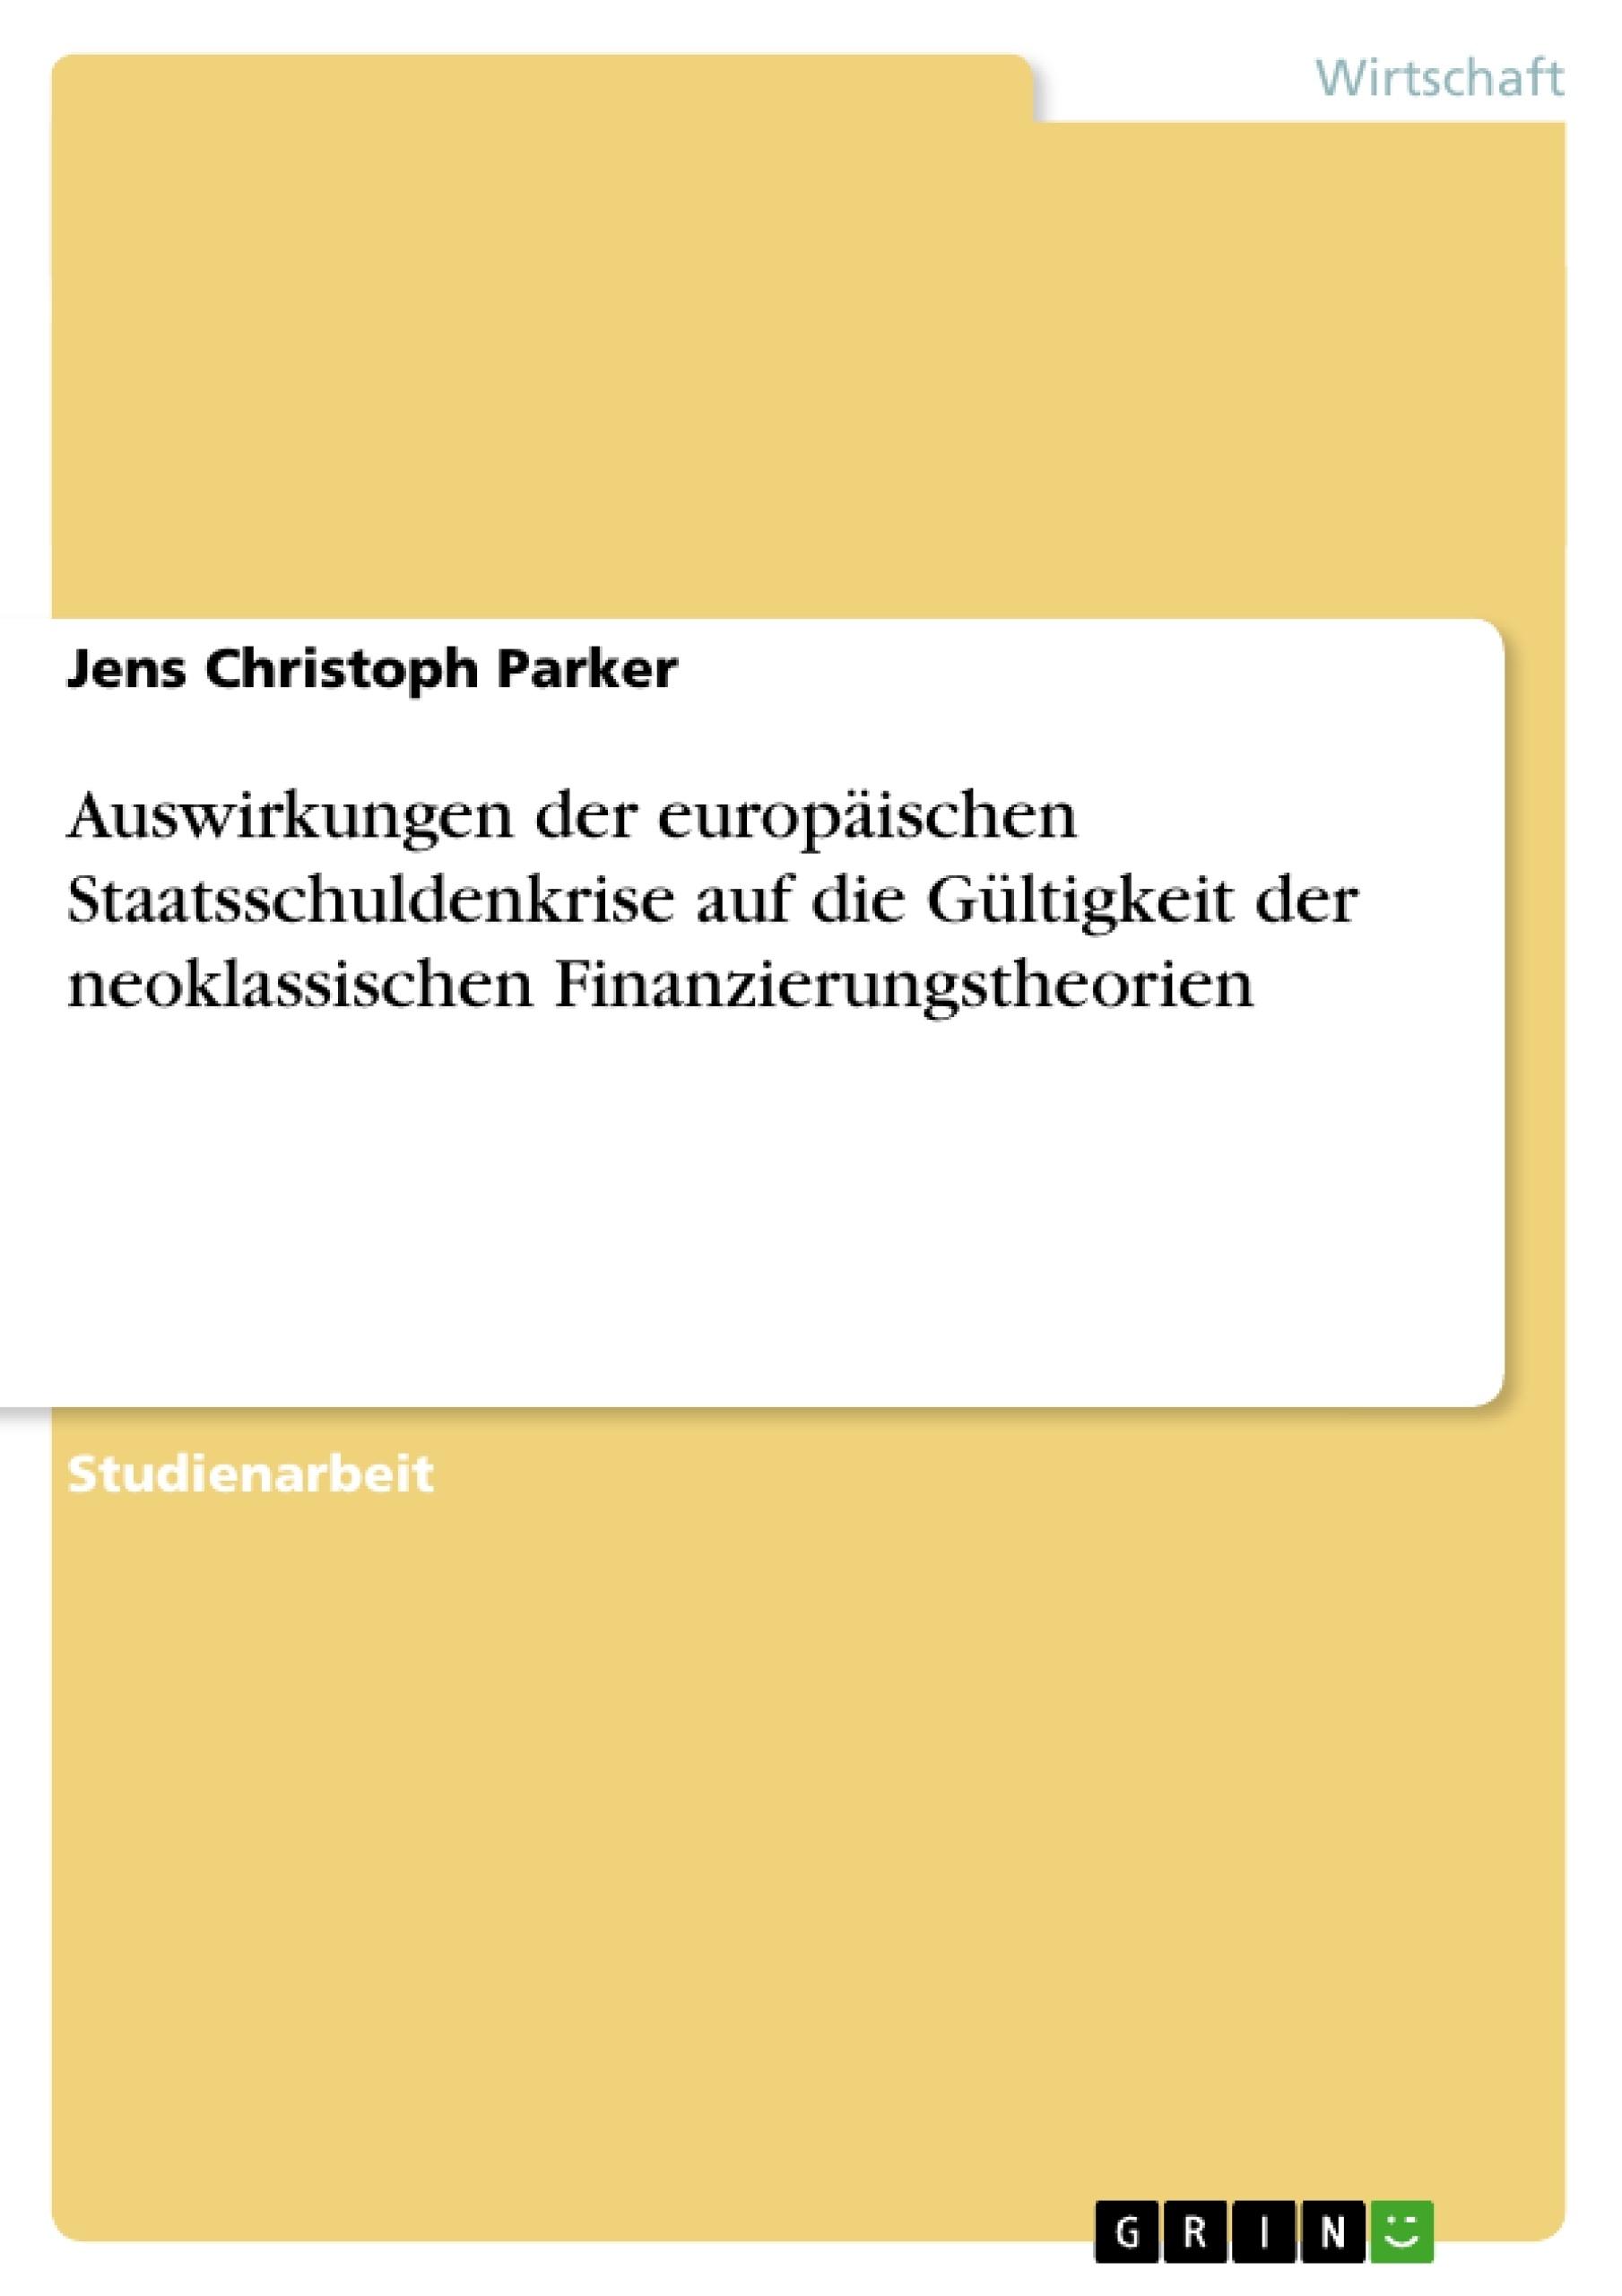 Titel: Auswirkungen der europäischen Staatsschuldenkrise auf die Gültigkeit der neoklassischen Finanzierungstheorien